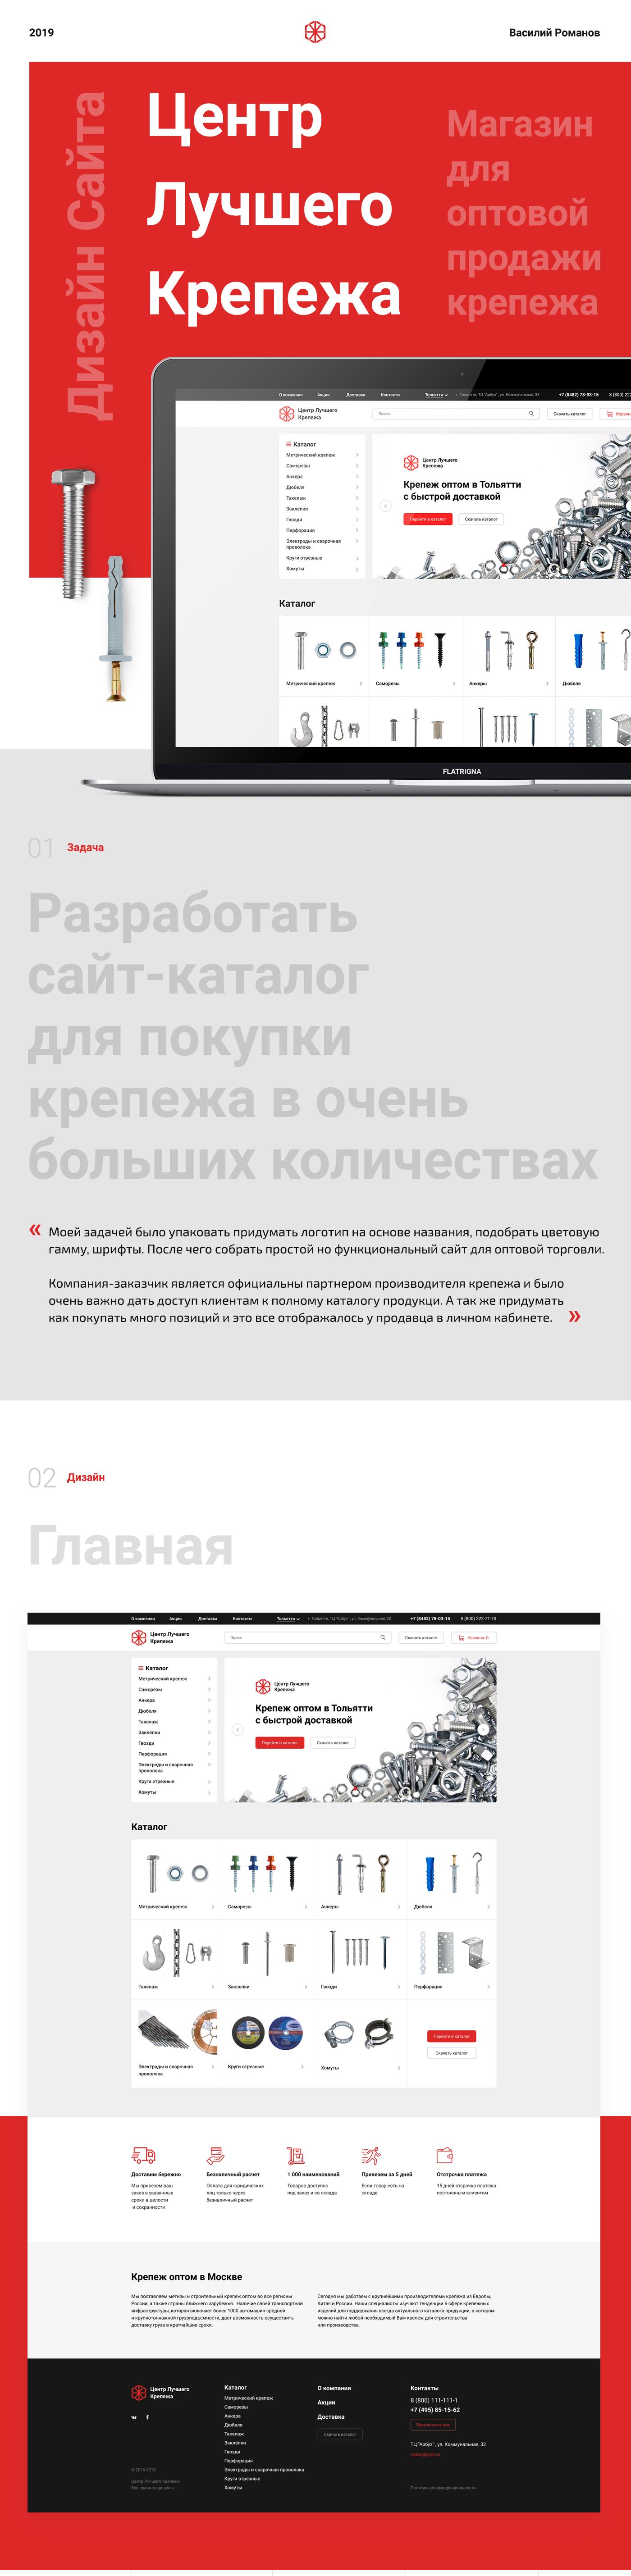 Поволжский Центр Крепежа. Крепеж оптом в Тольятти, Ульяновске и Самаре.